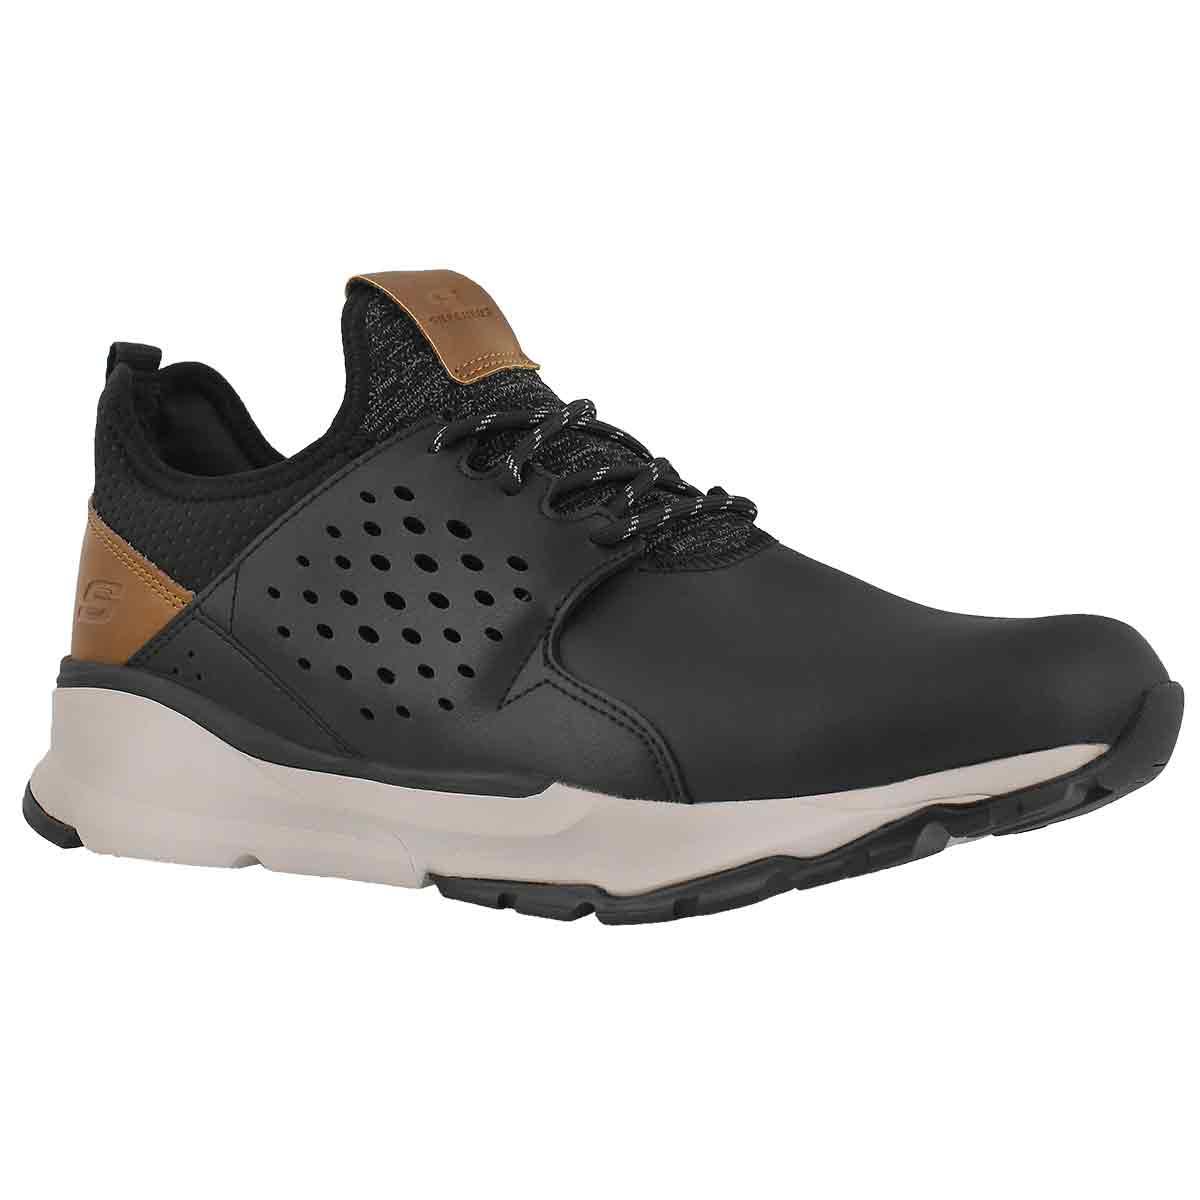 Men's RELVEN HEMSON black lace up sneakers